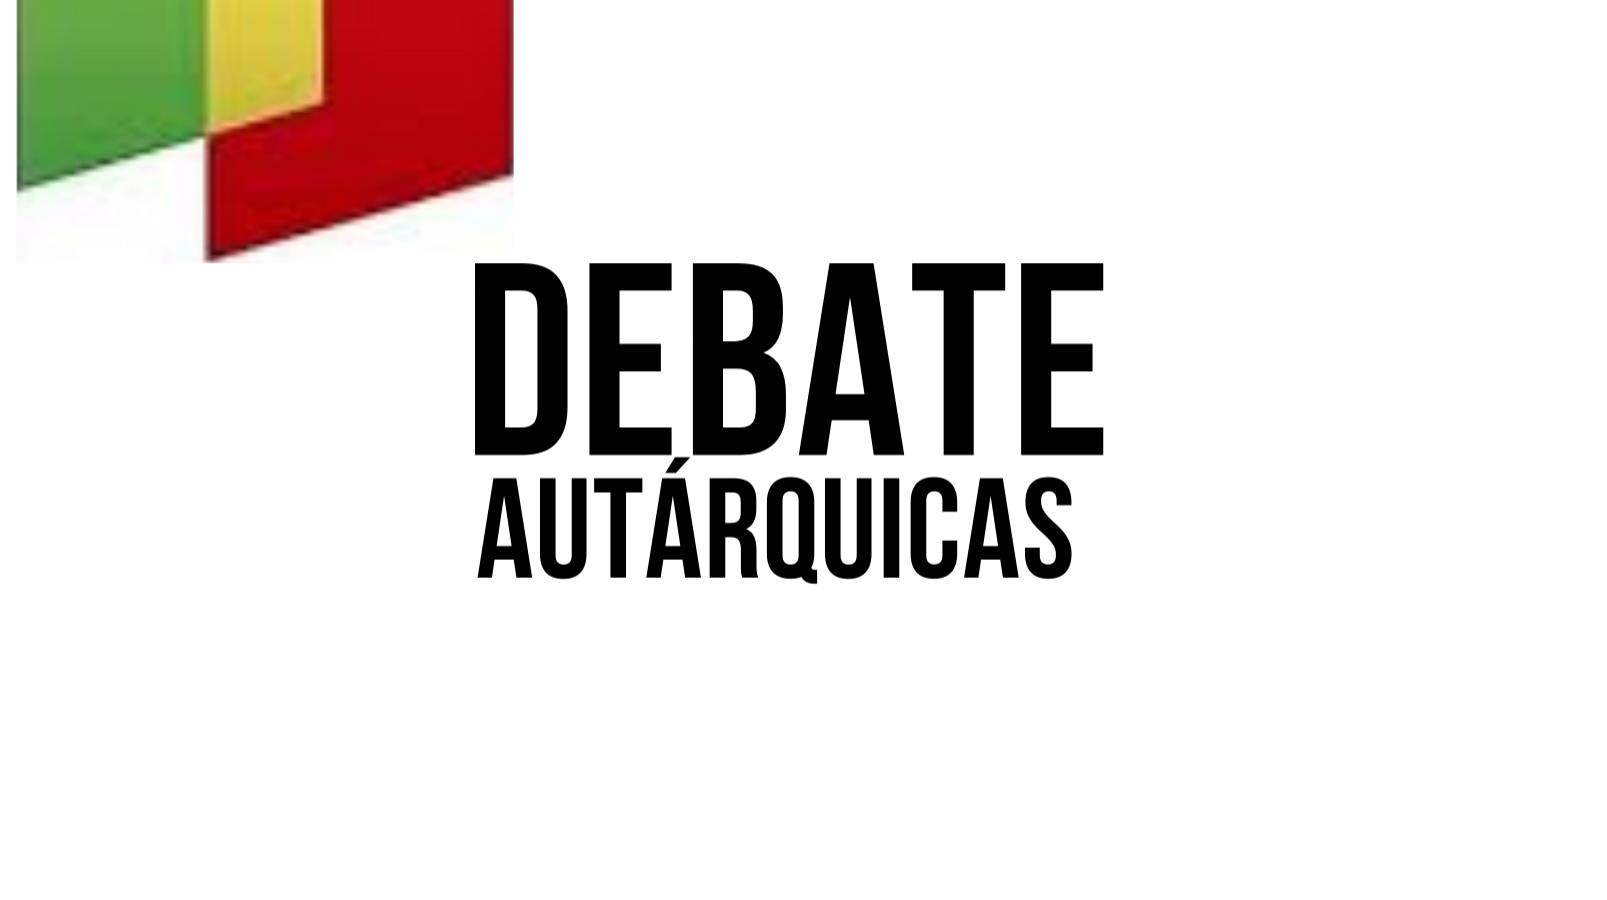 Debate Autárquicas